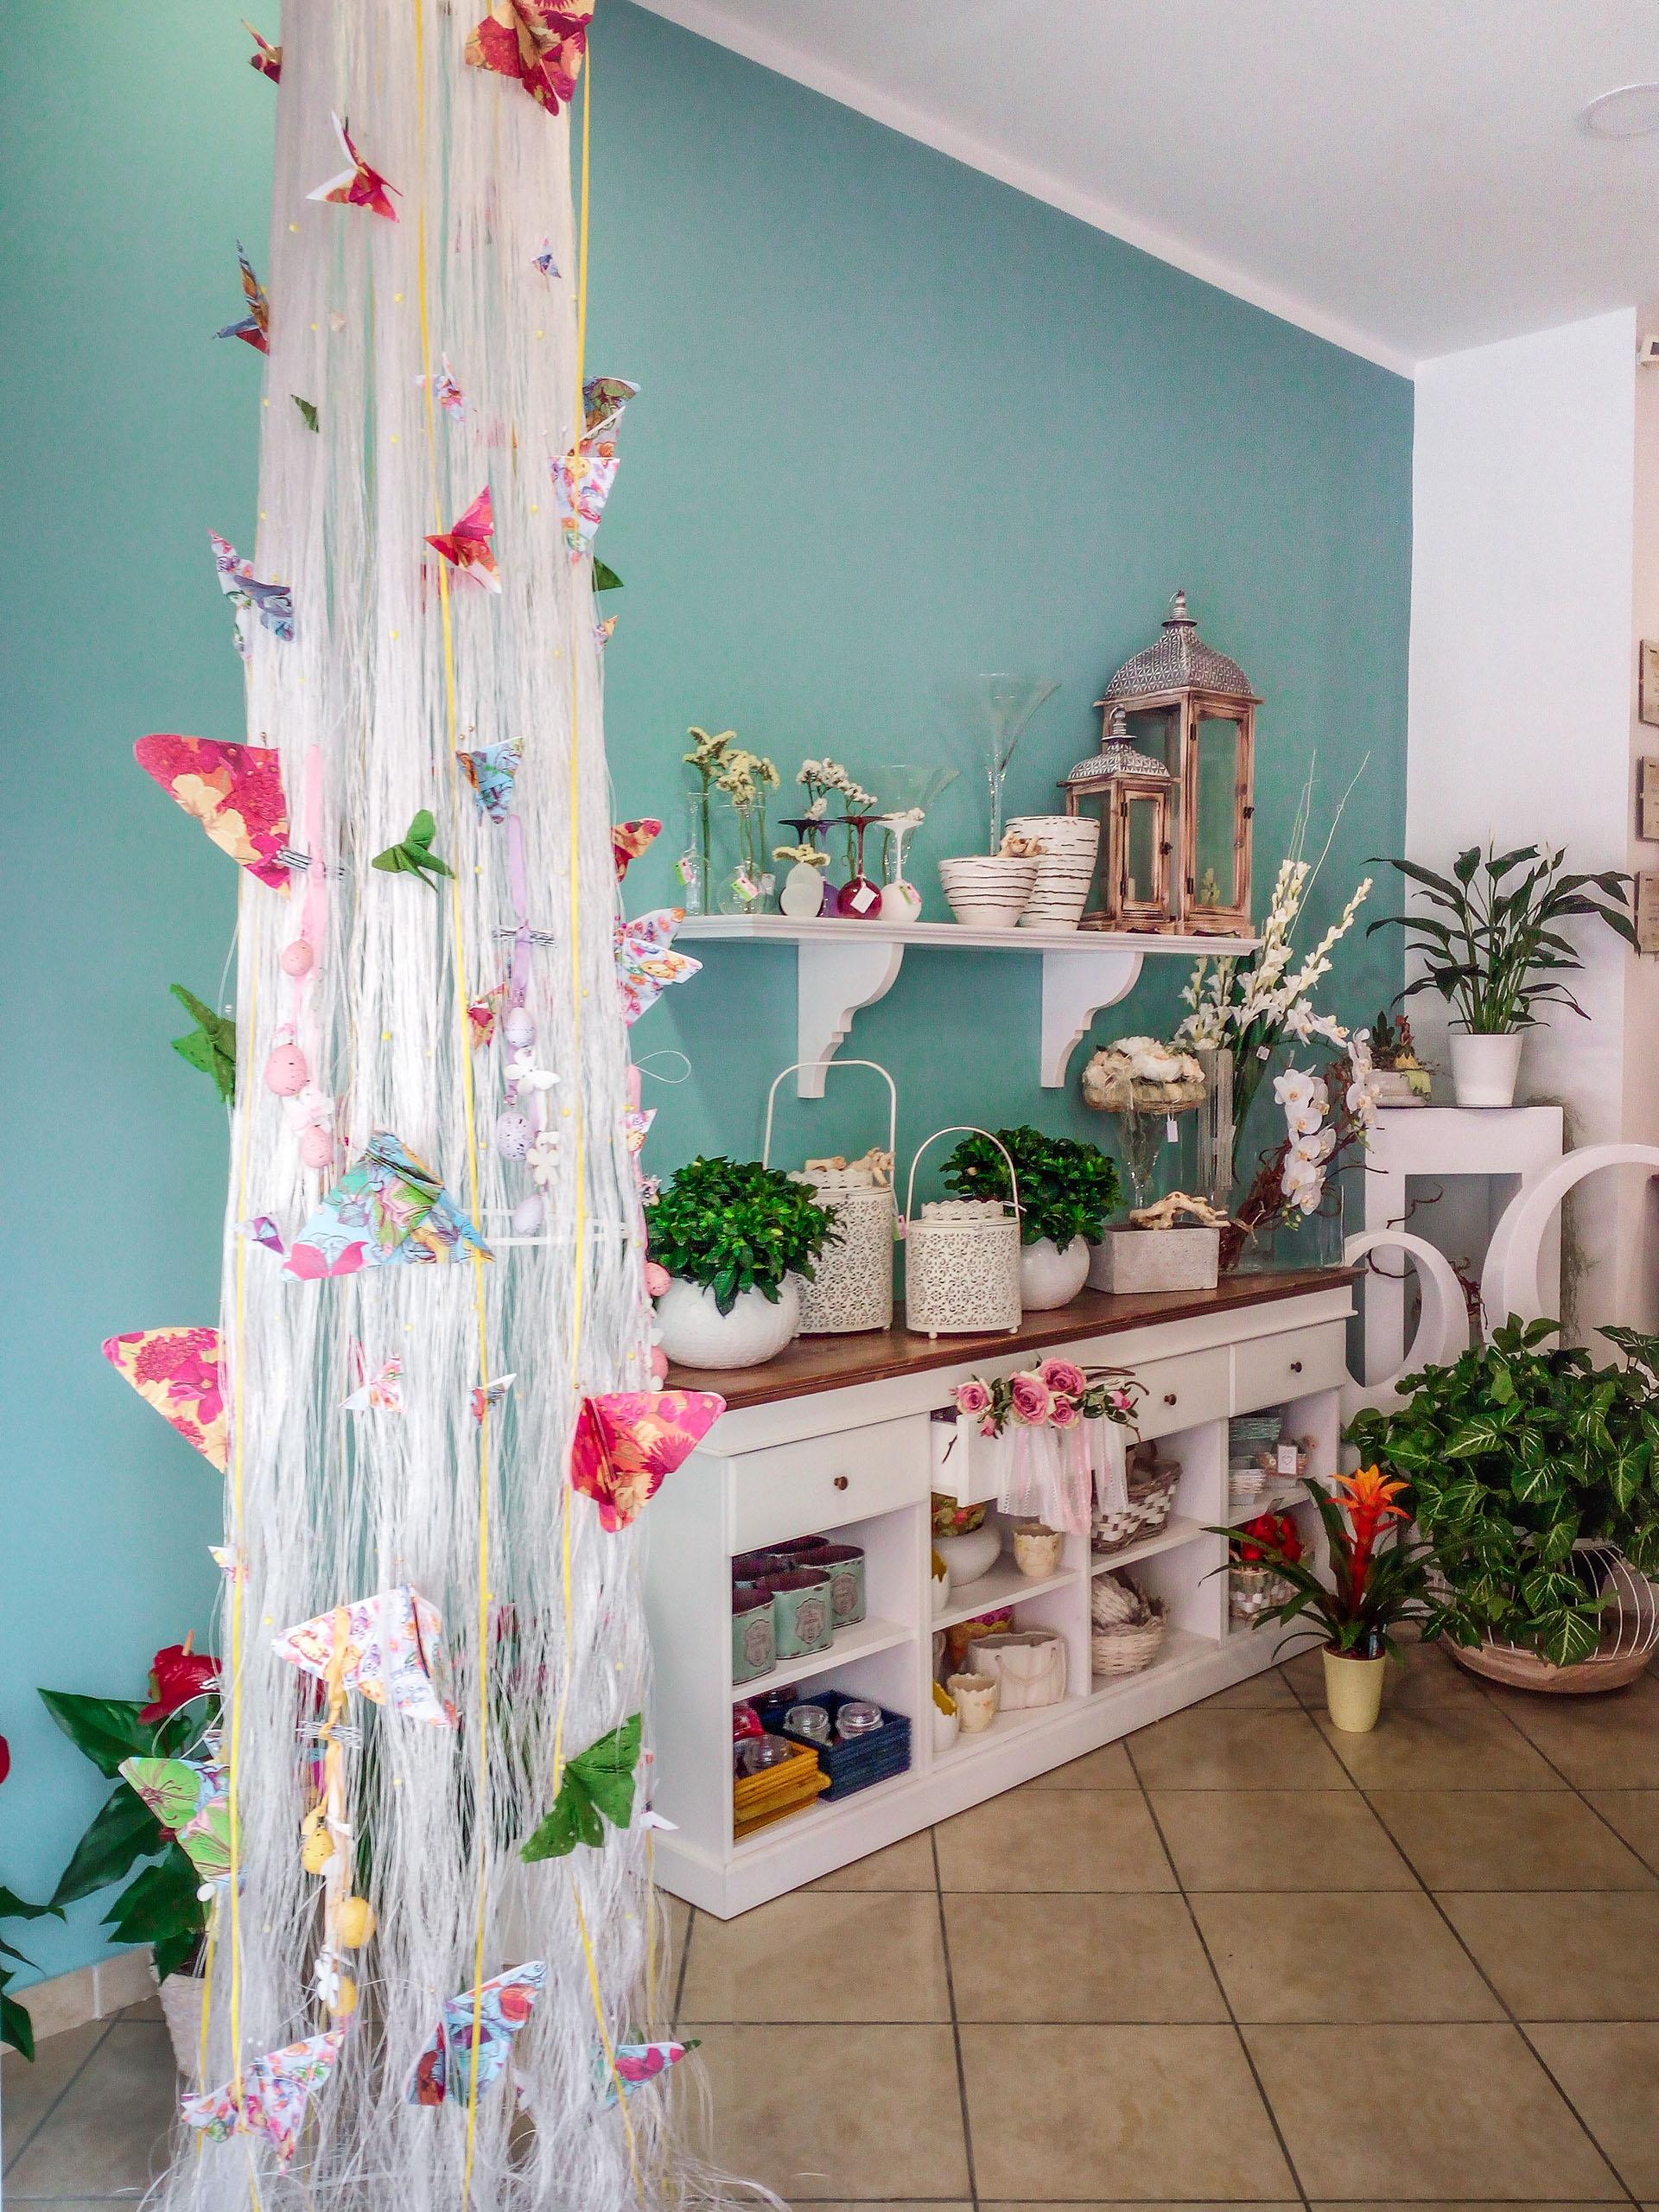 Arredamento su misura negozio di fiori shabby, espositore oggettistica